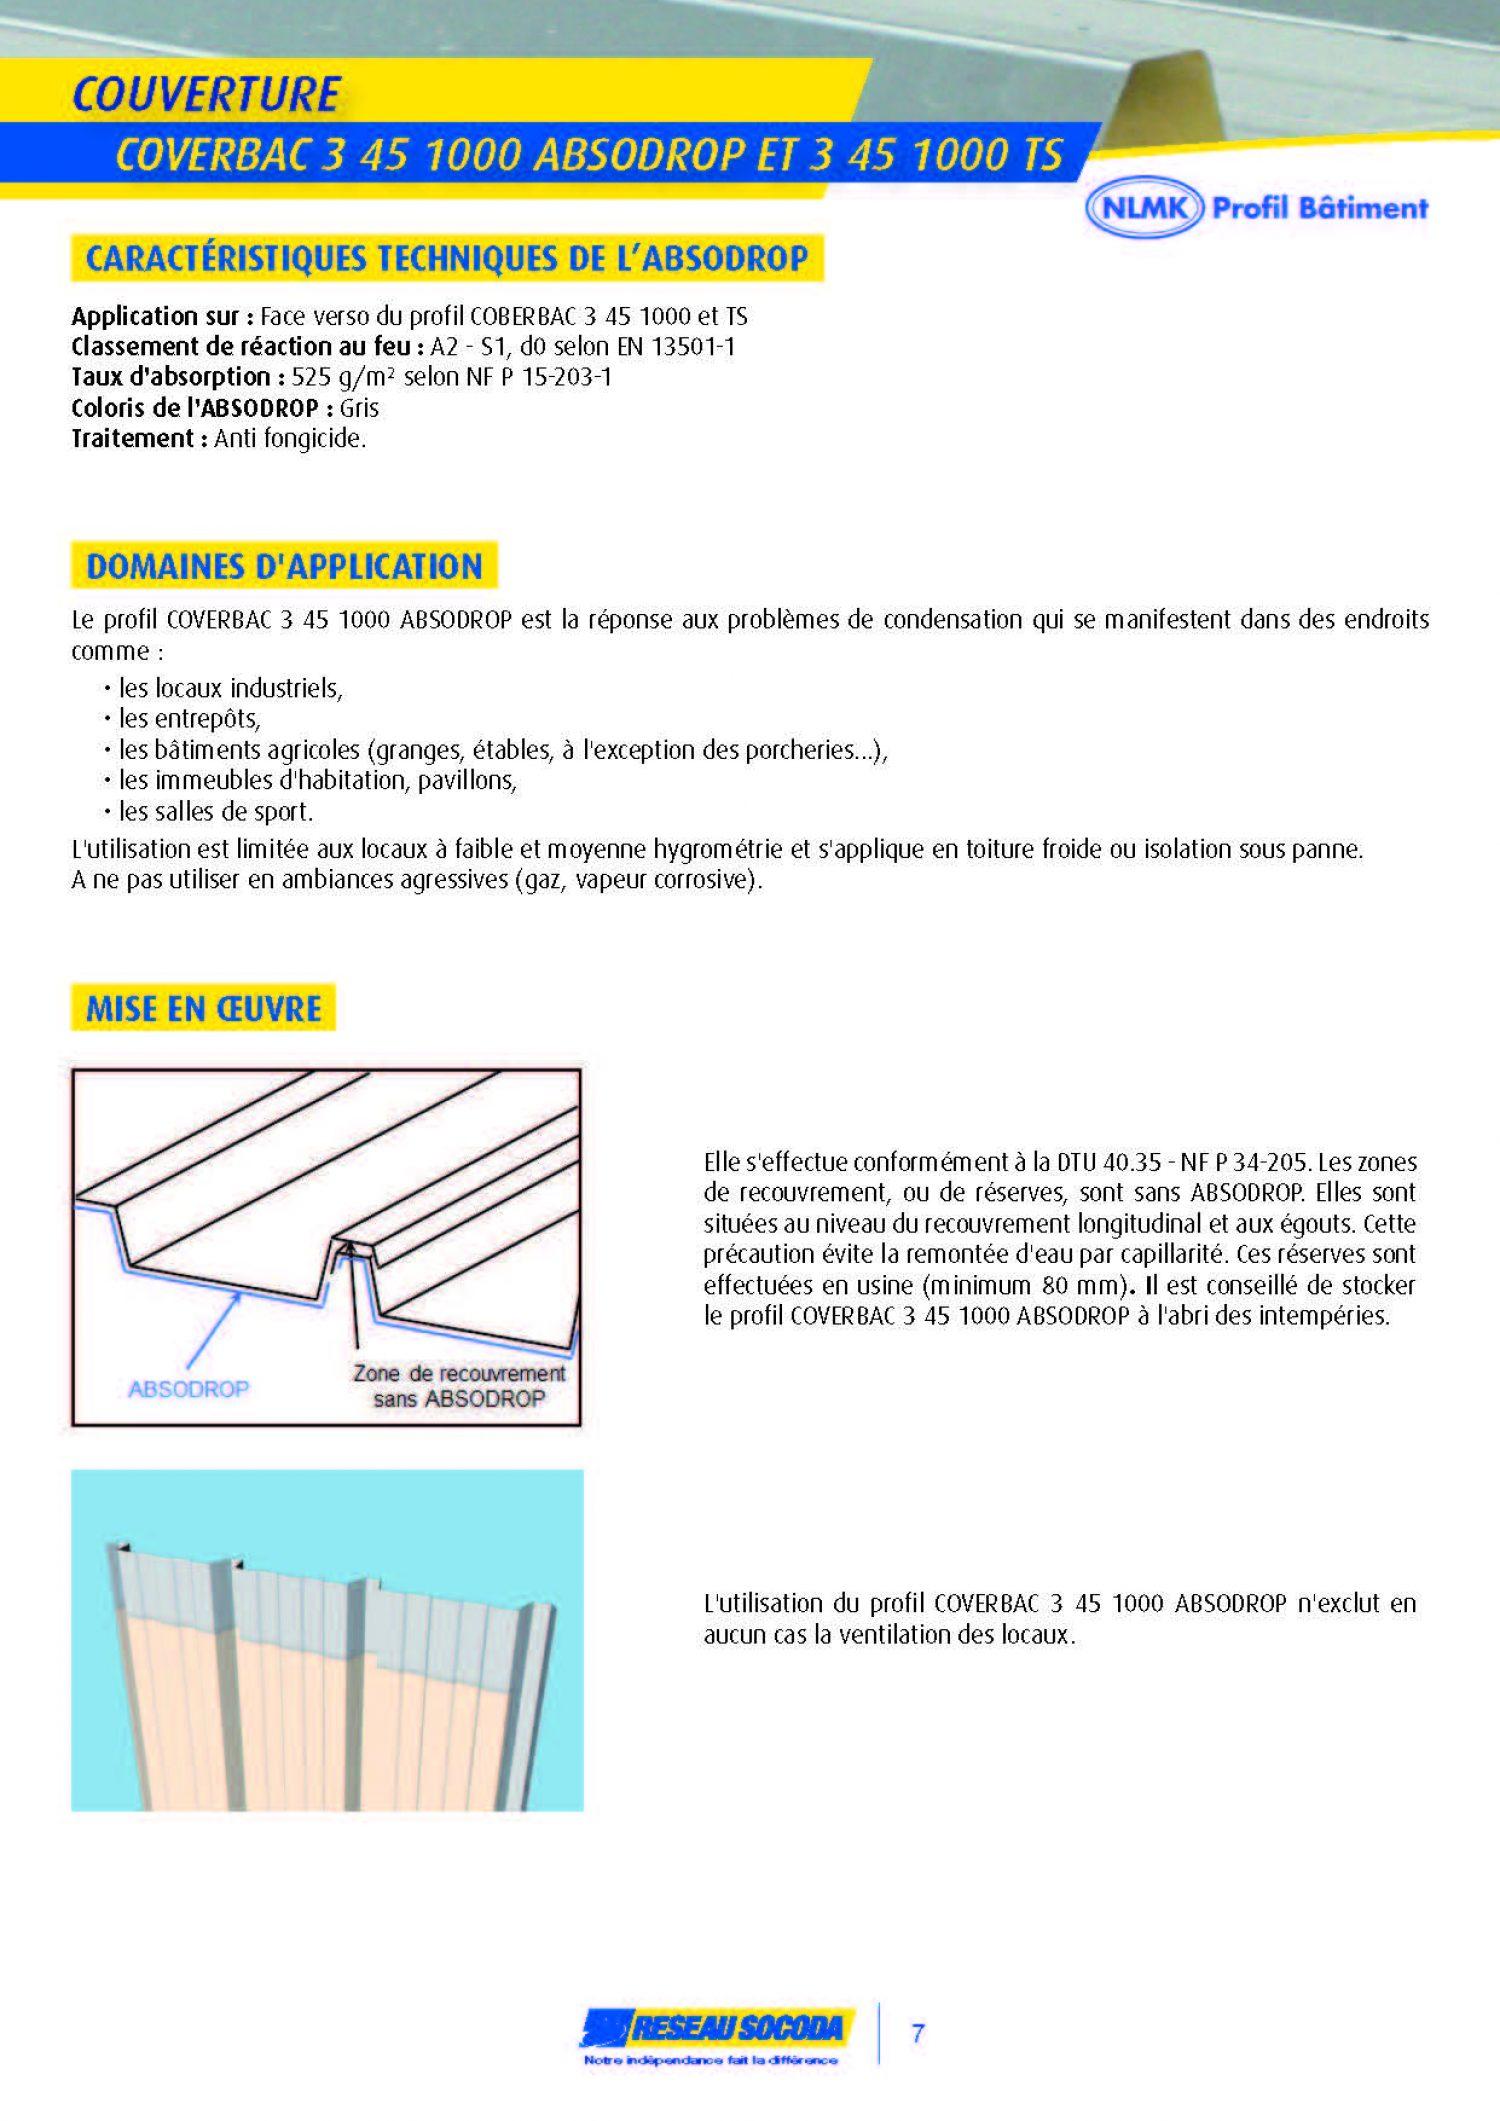 GERMOND_2014 PROFIL BATIMENT_20140324-184231_Page_07